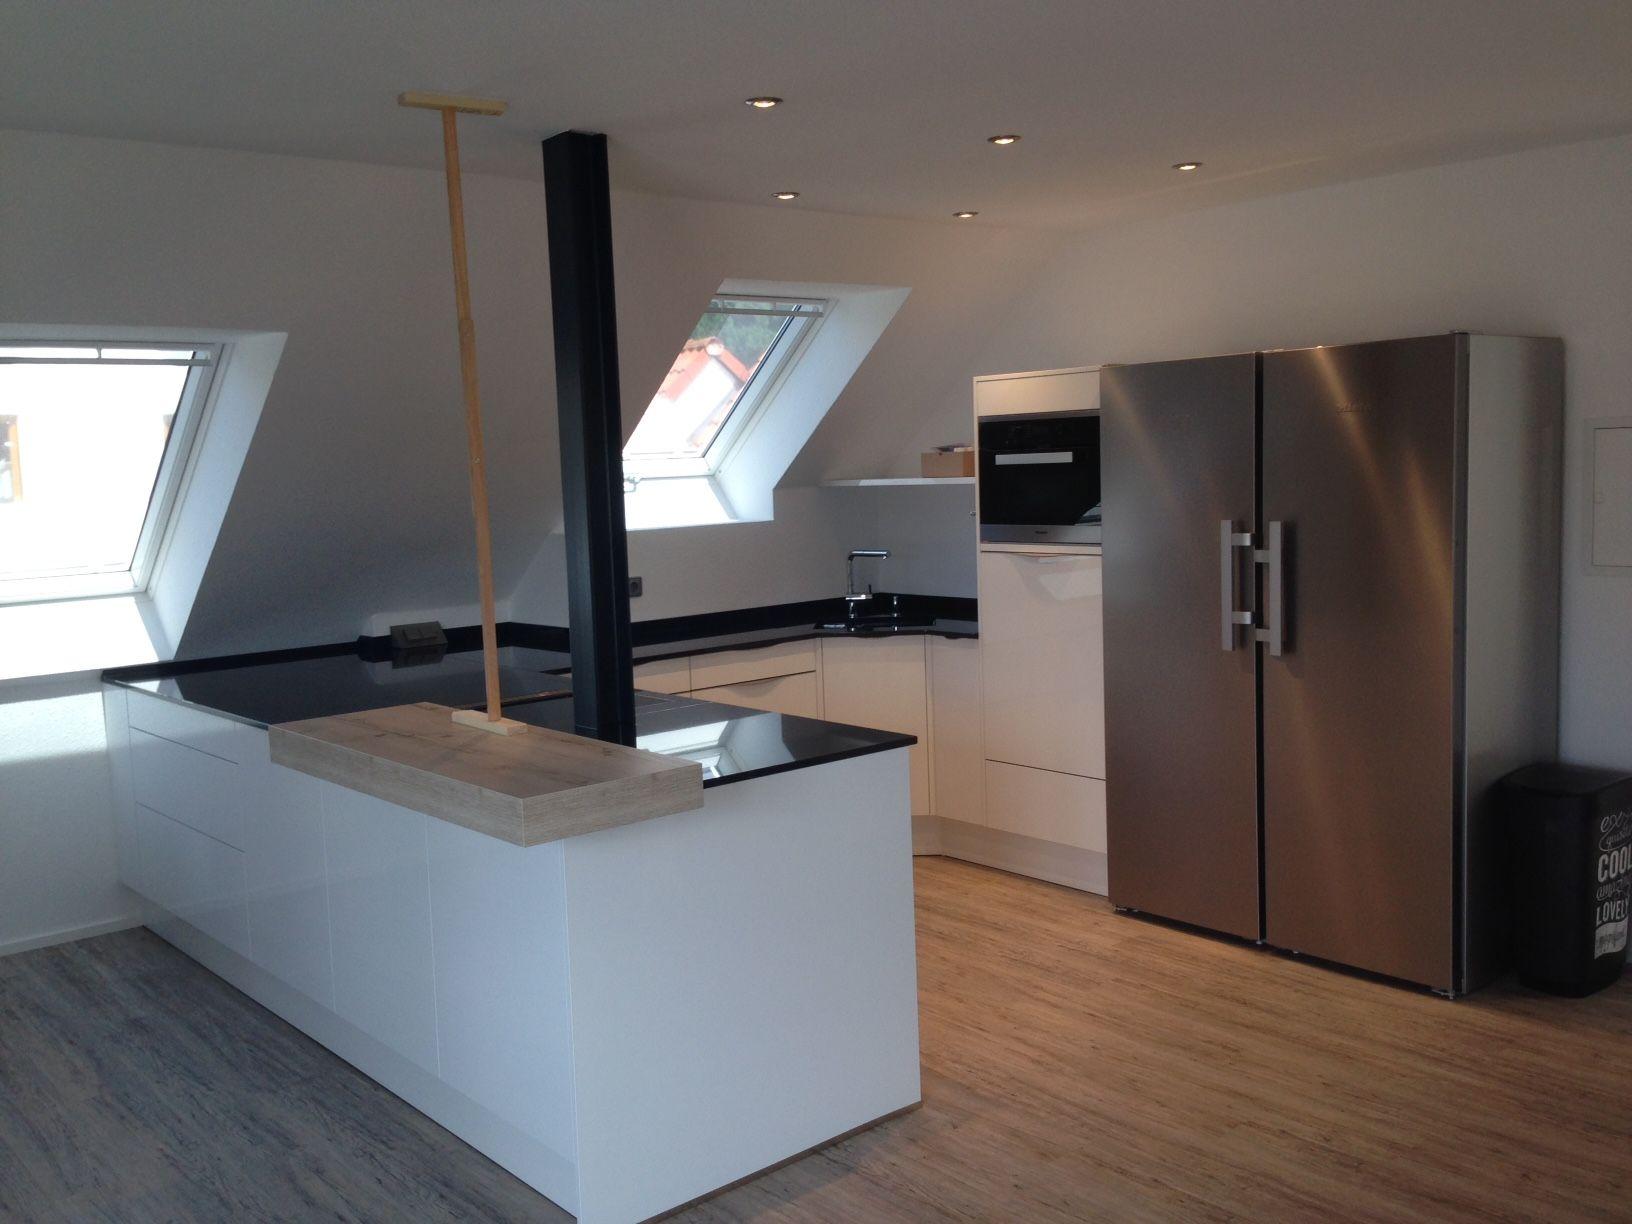 Weiße Küche mit Dachschräge Interiors in 2019 Küche